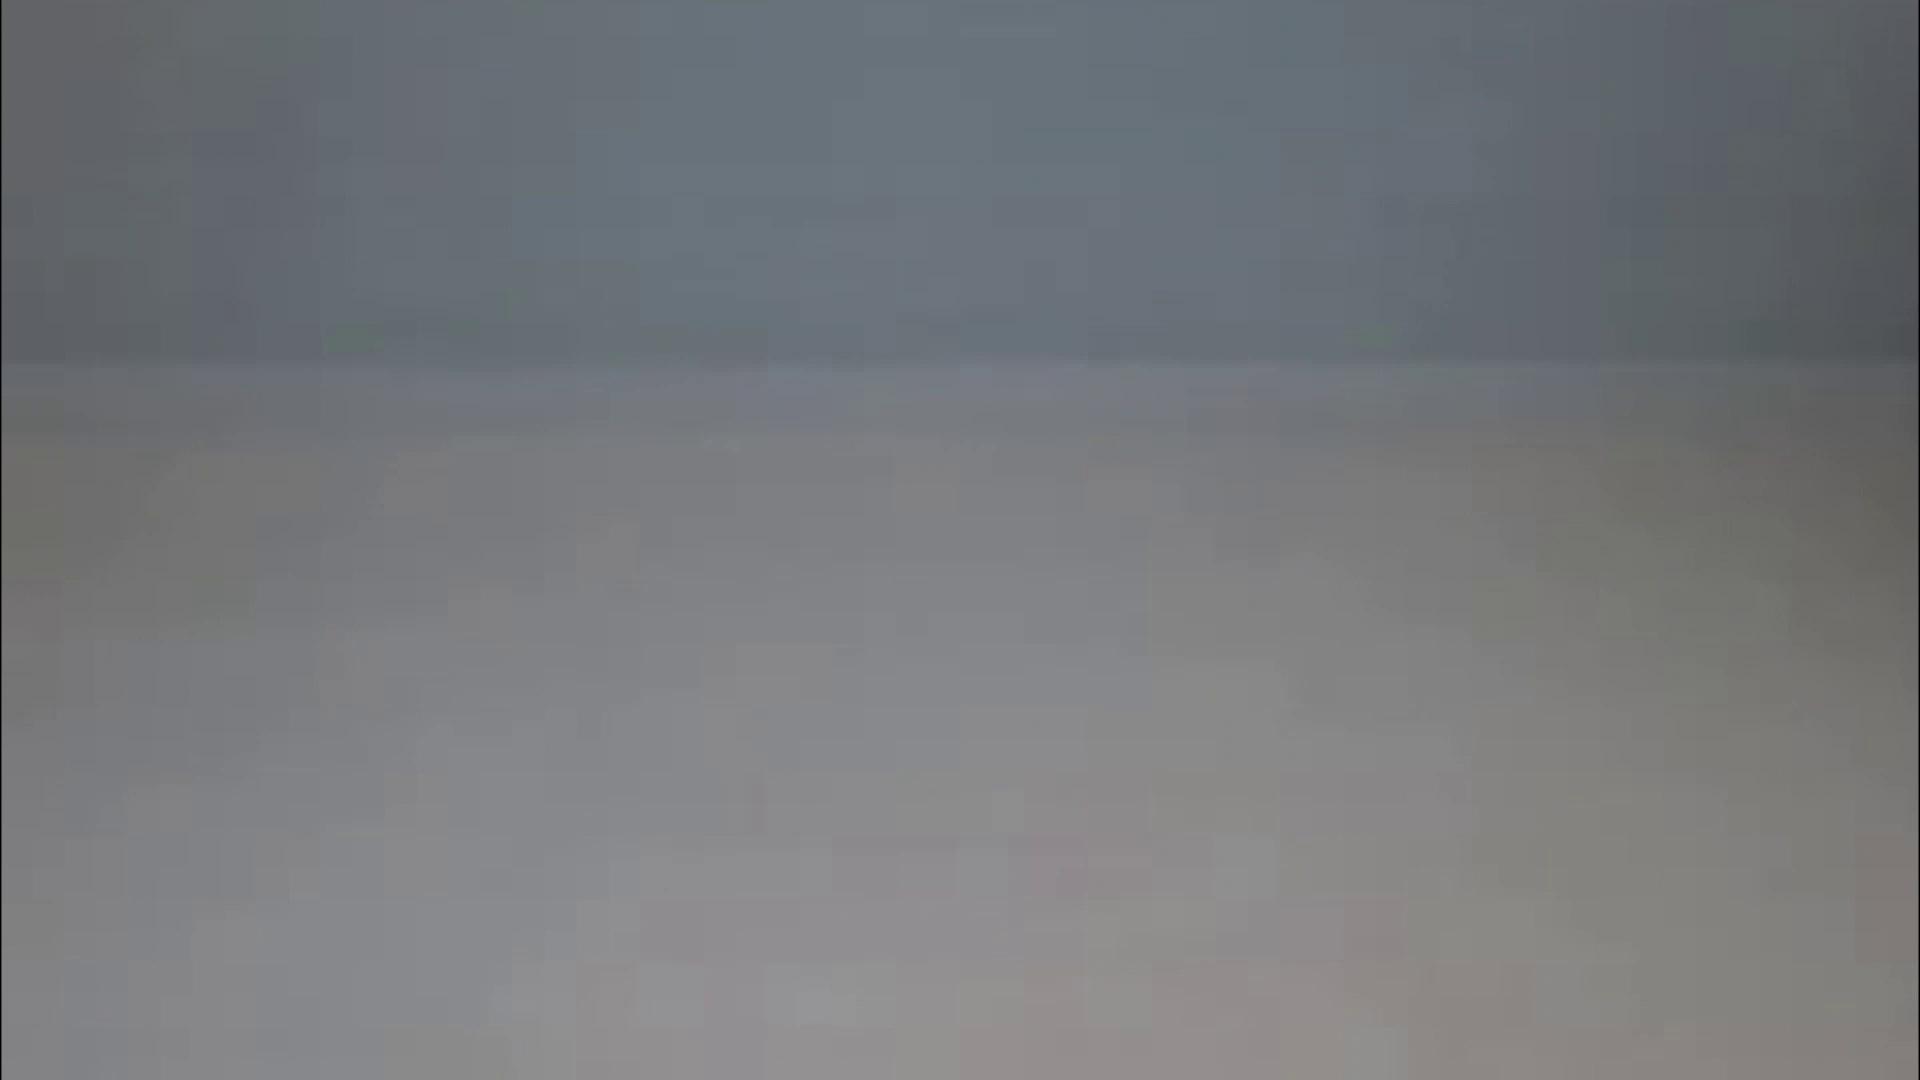 流出マル秘ファイル!ライブオナニーⅡFile.06 念願の完全無修正 ゲイ射精画像 94連発 86